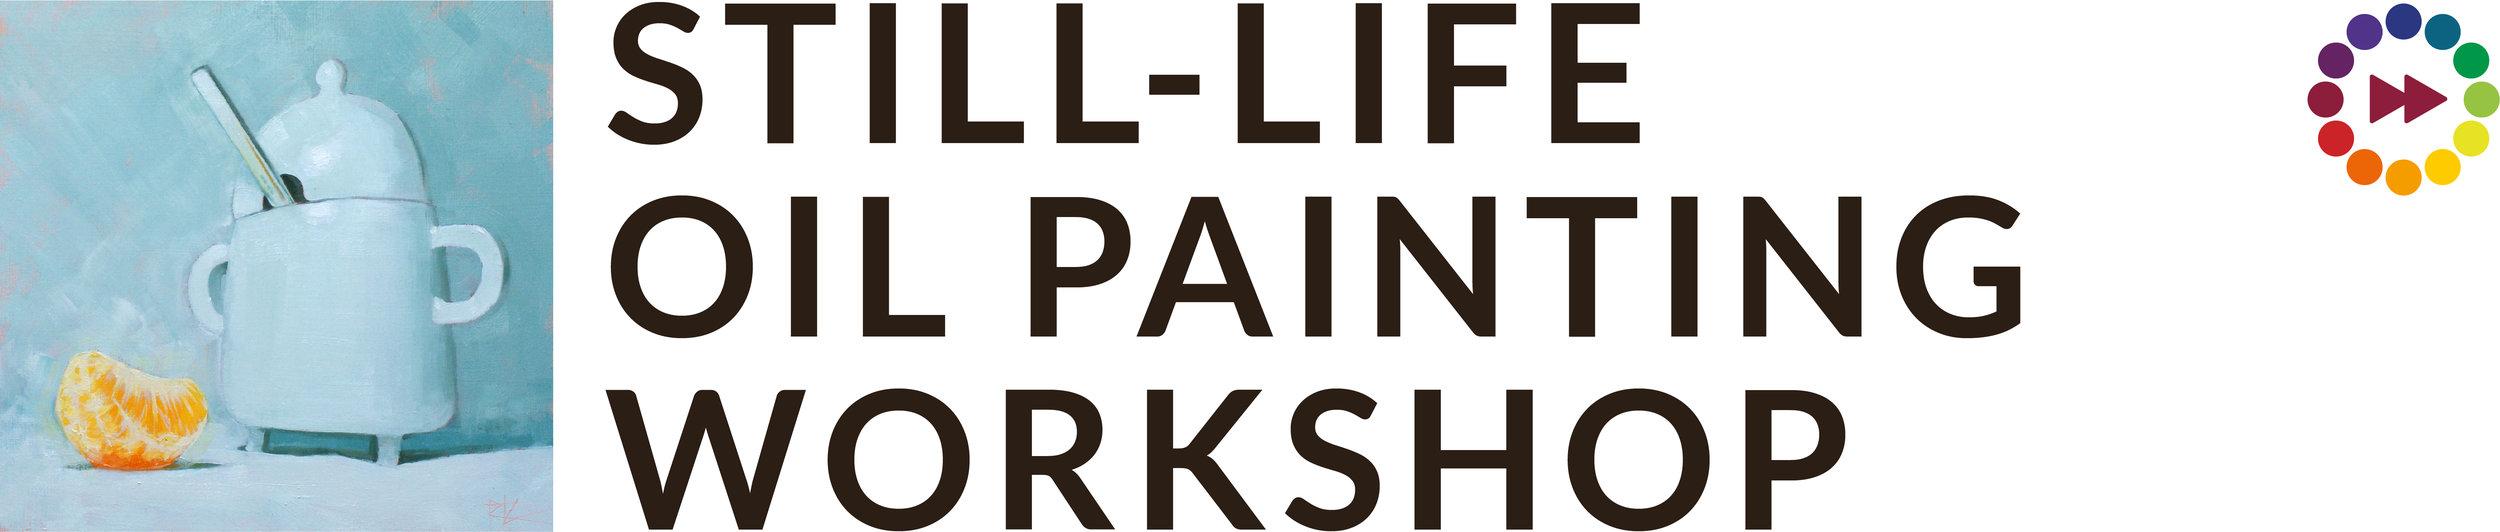 still-life-workshop-header-5-01.jpg